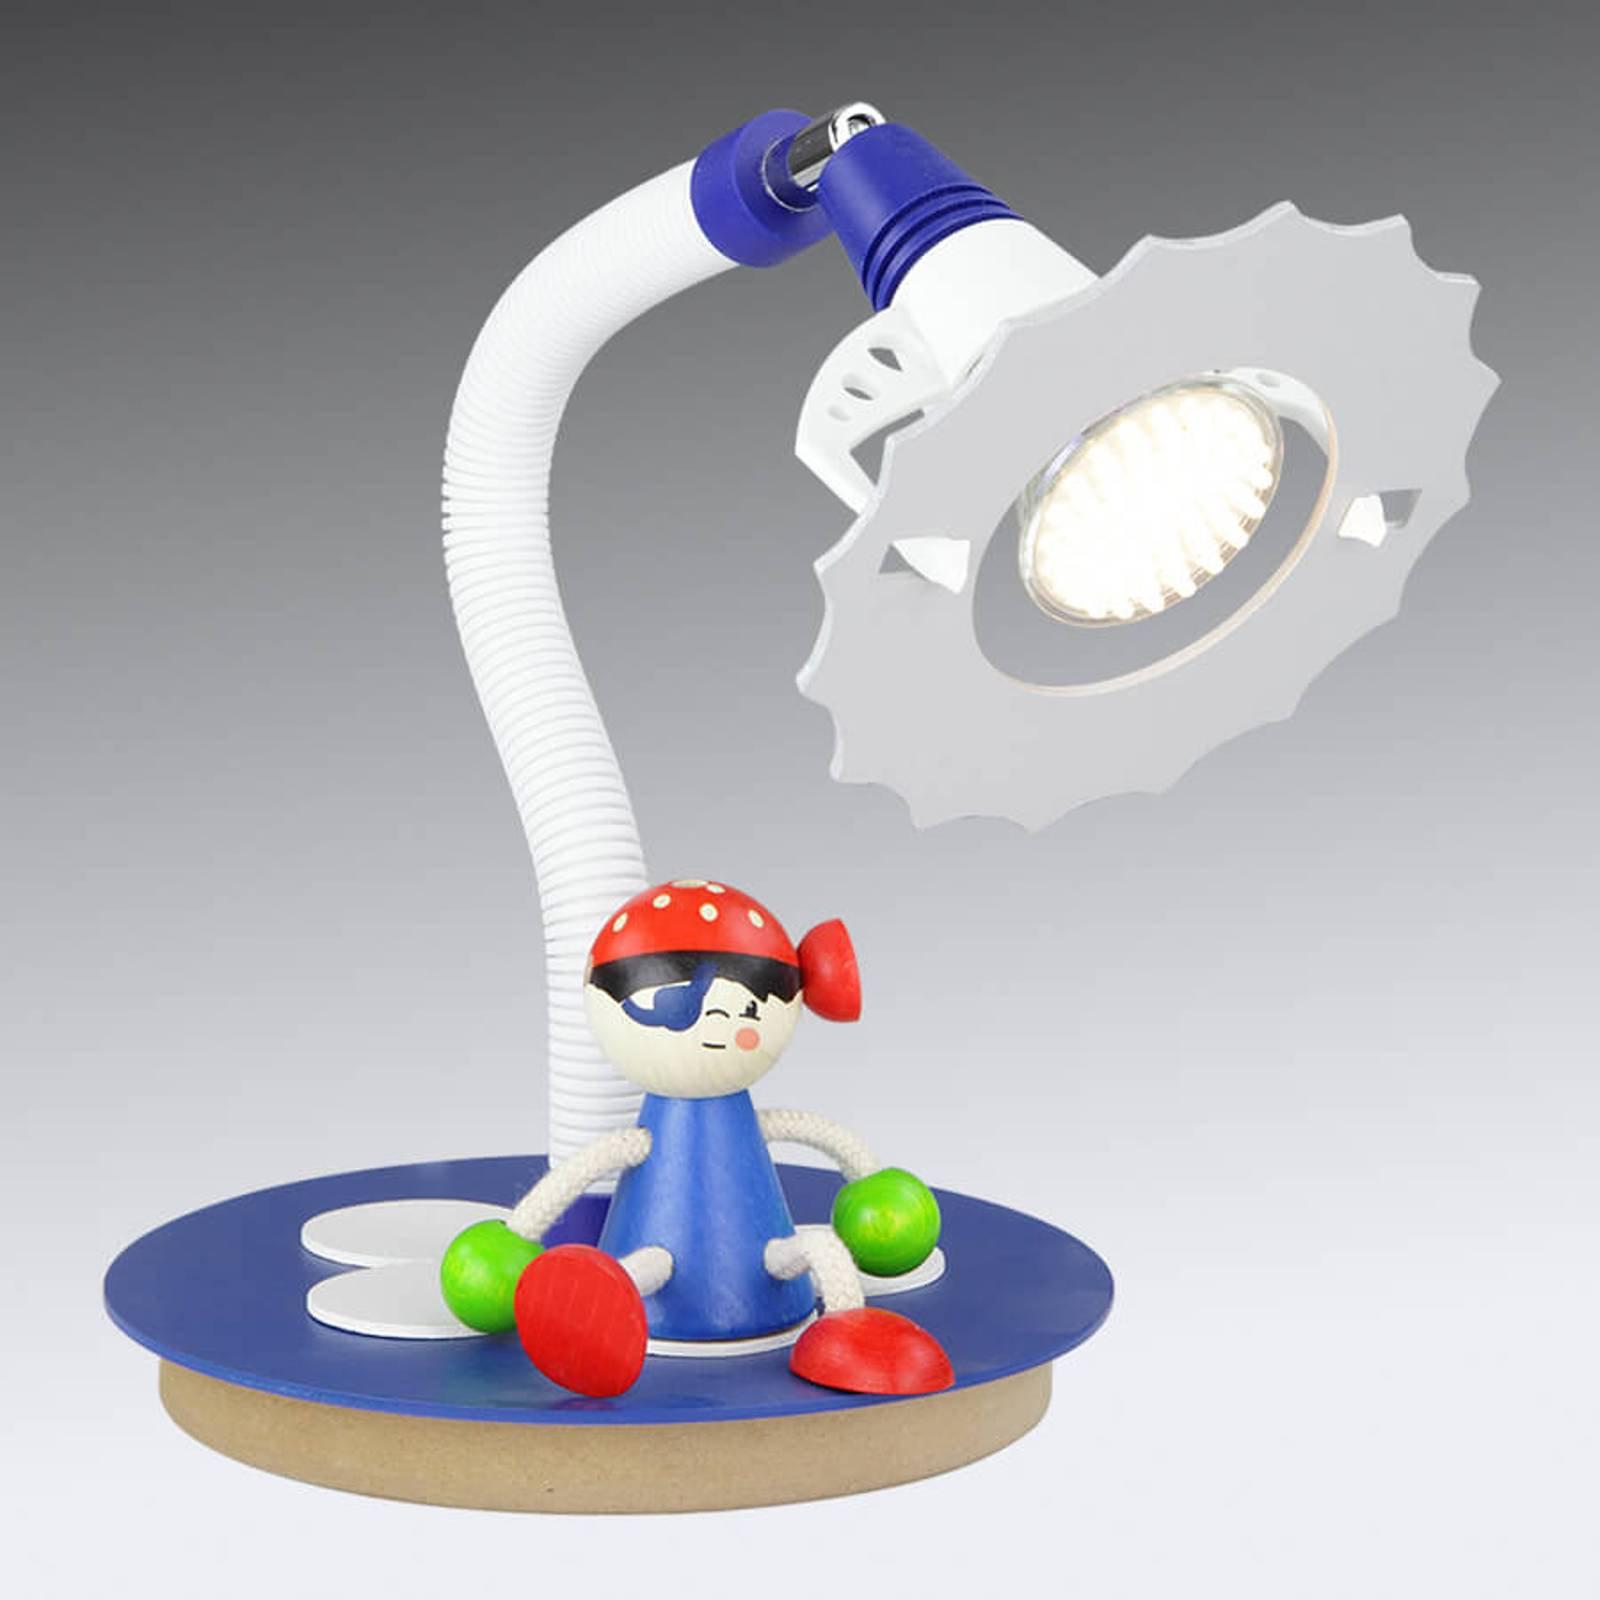 LED-bordlampe Sjørøvere med sittende figur